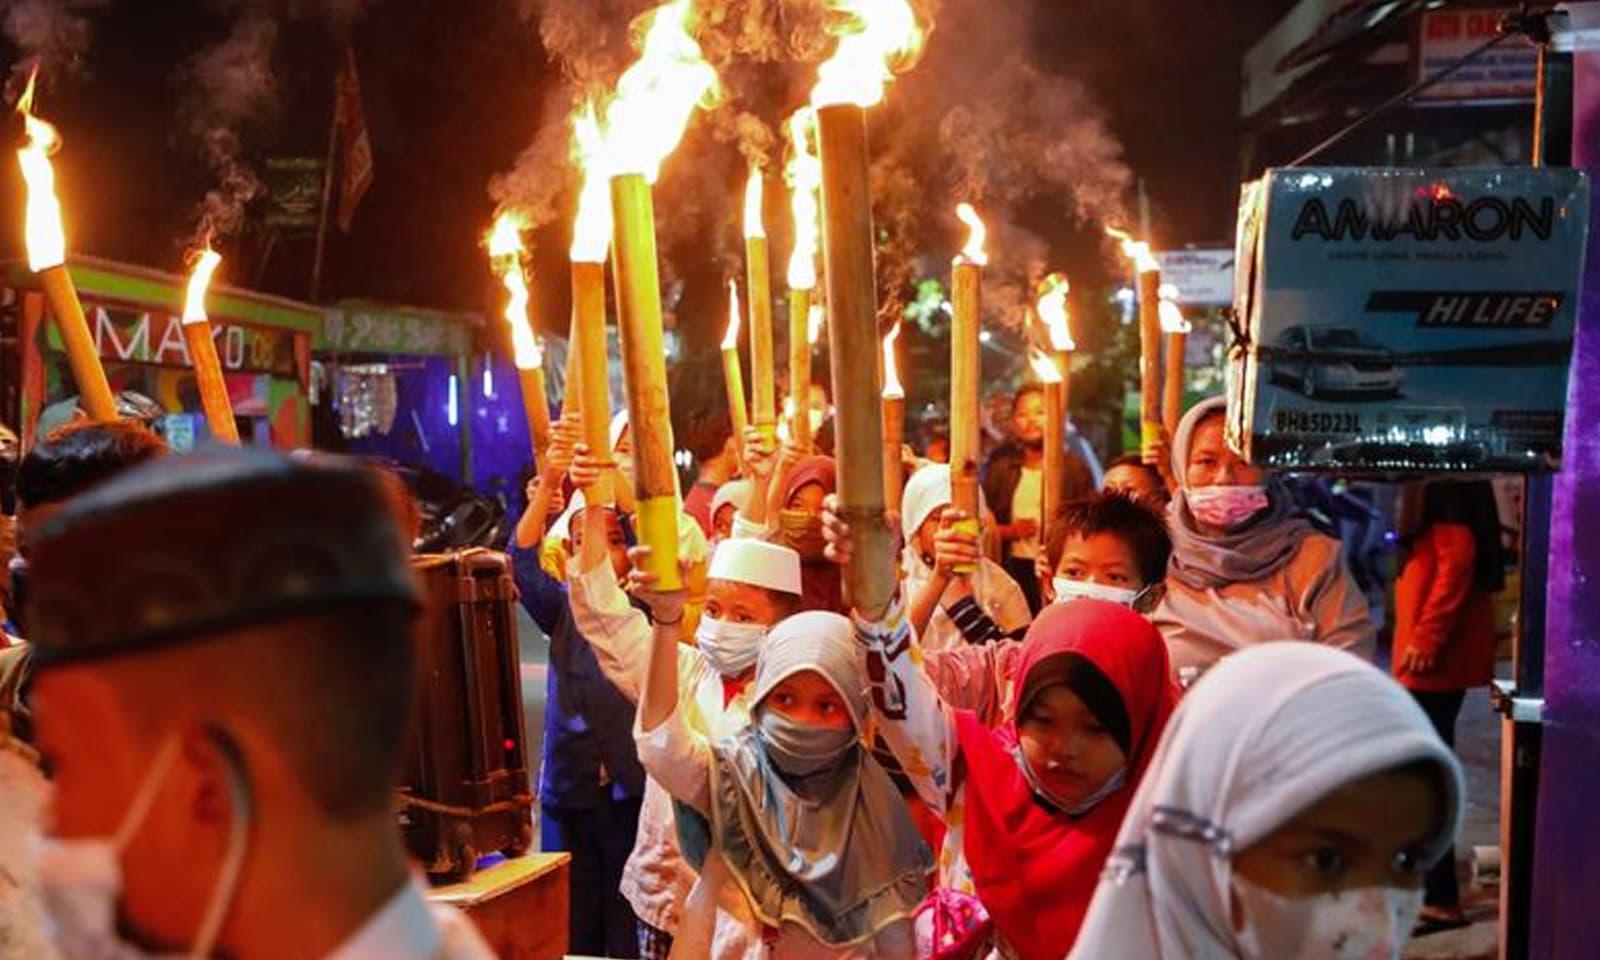 جکارتا میں عید کے موقع پربچوں نے روایتی پریڈ کی  —فوٹو: رائٹرز